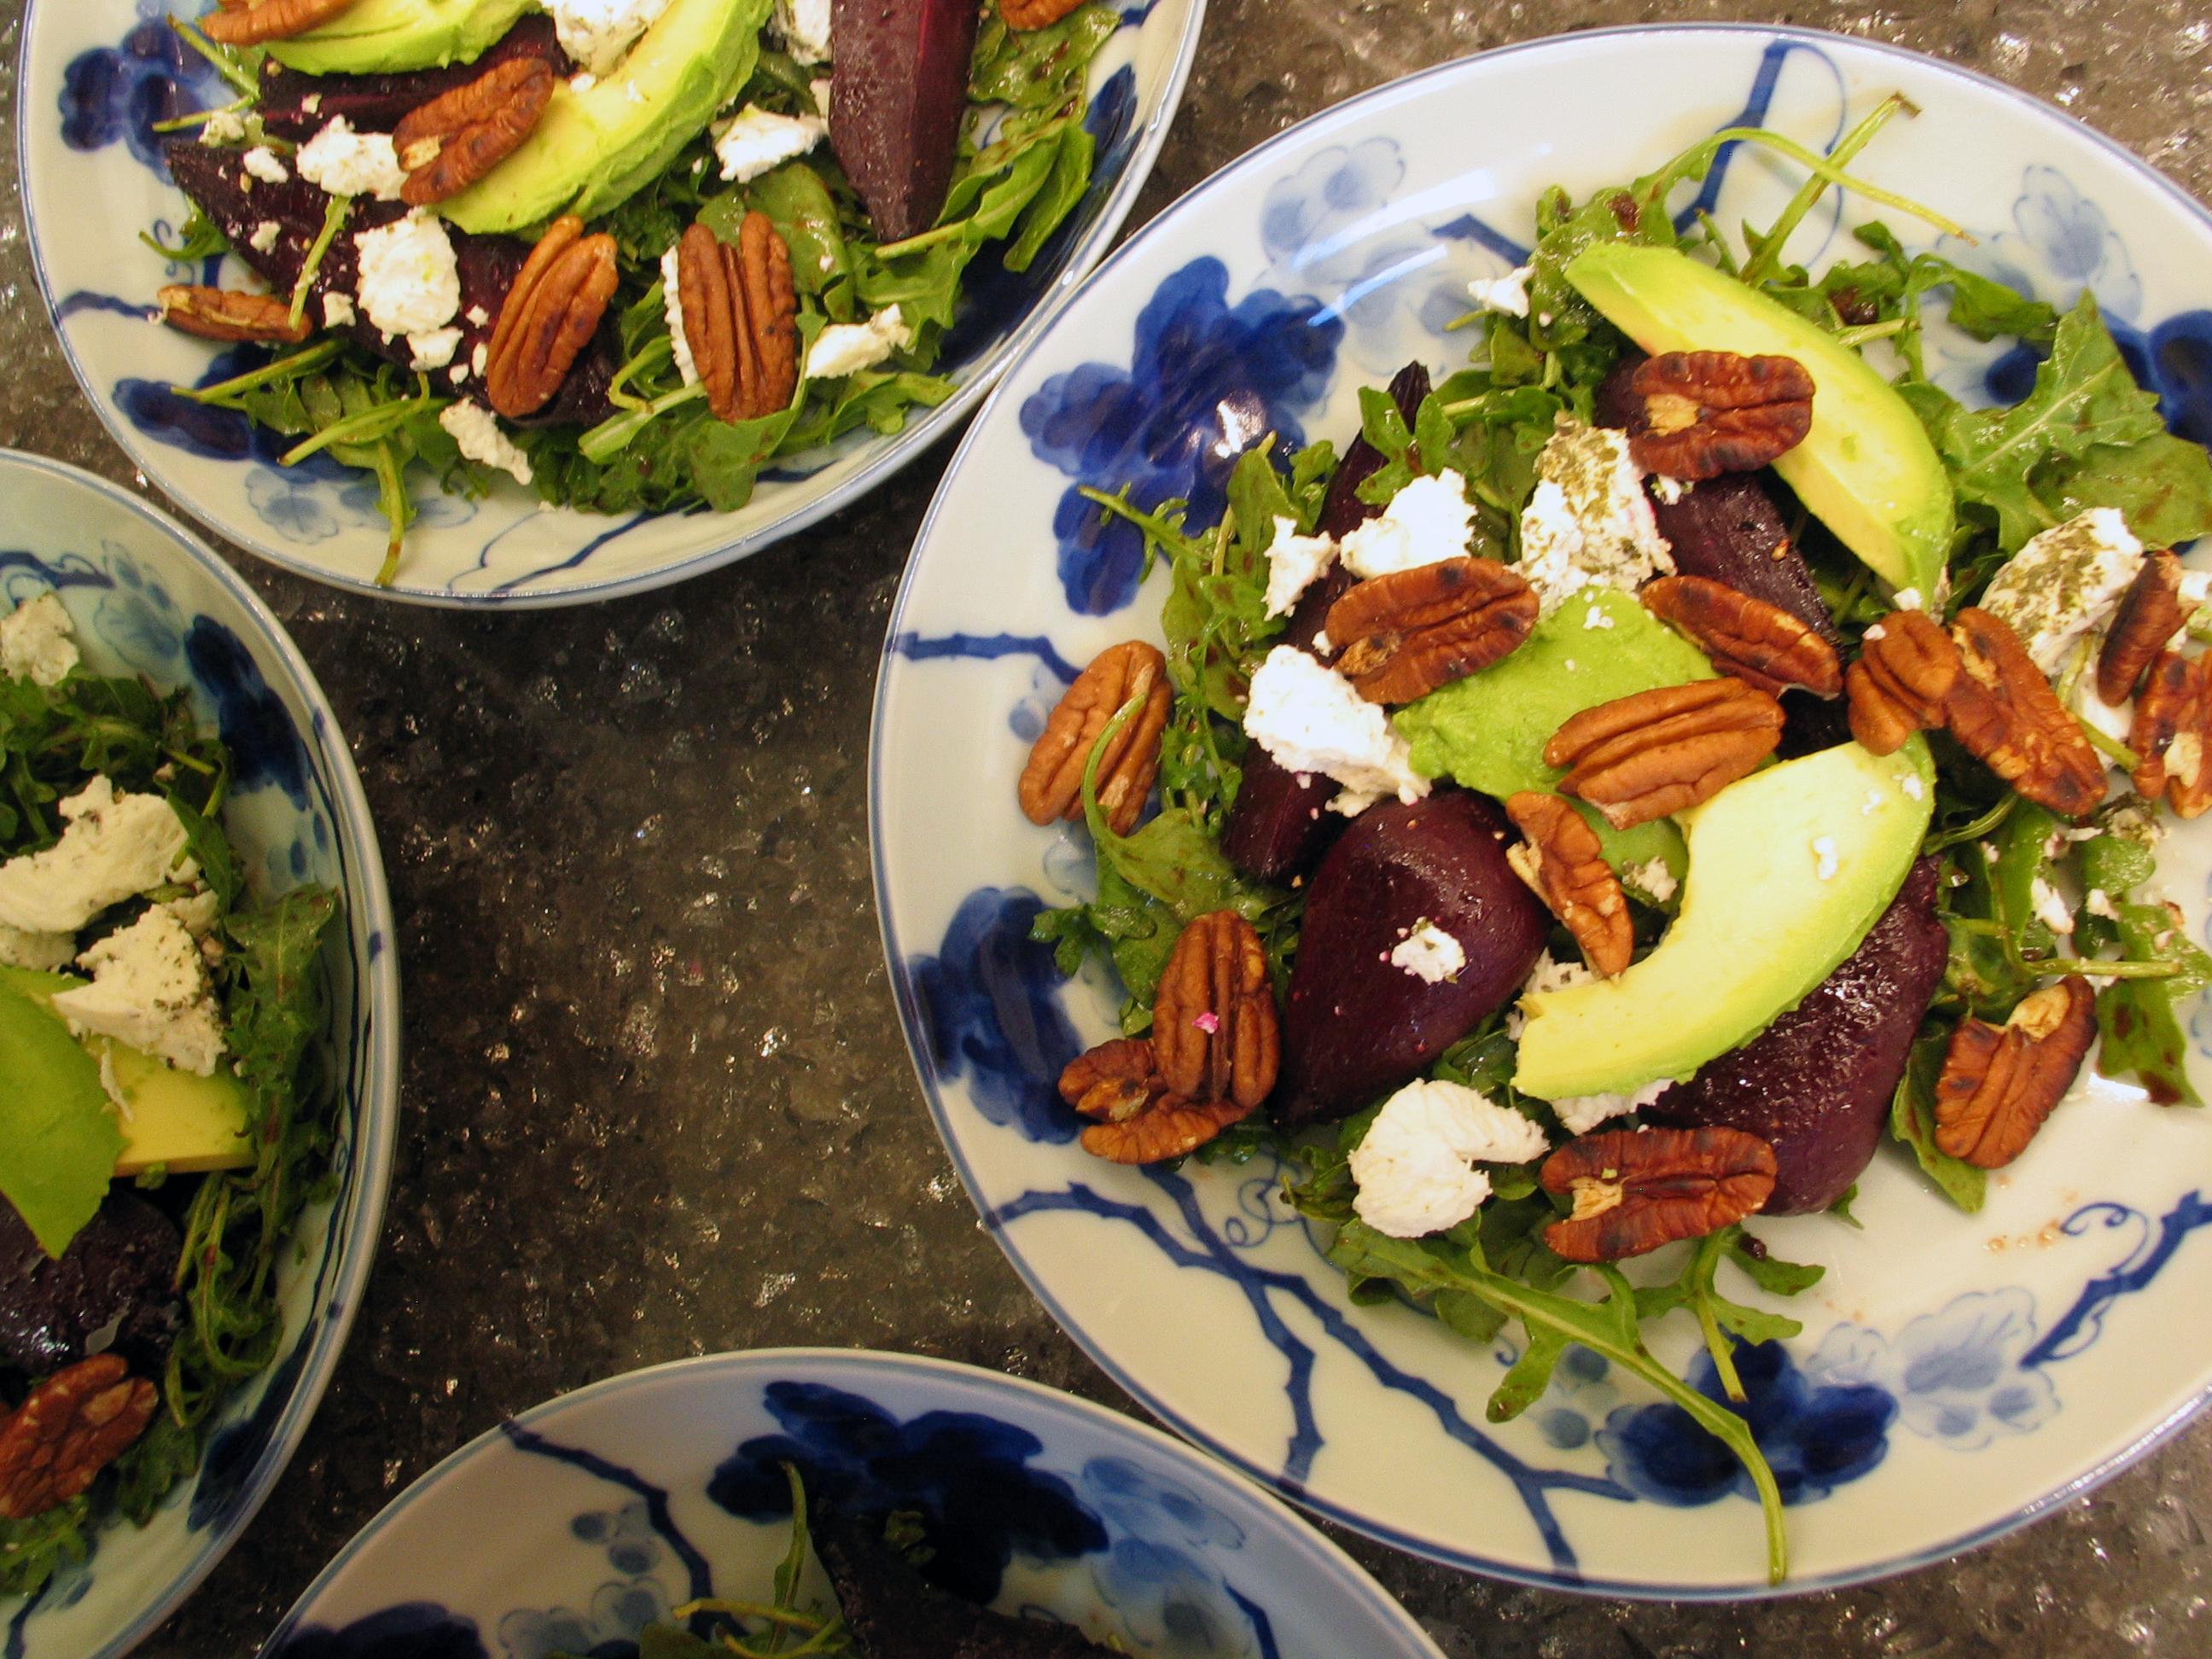 Beet, Goat Cheese and Arugula Salad